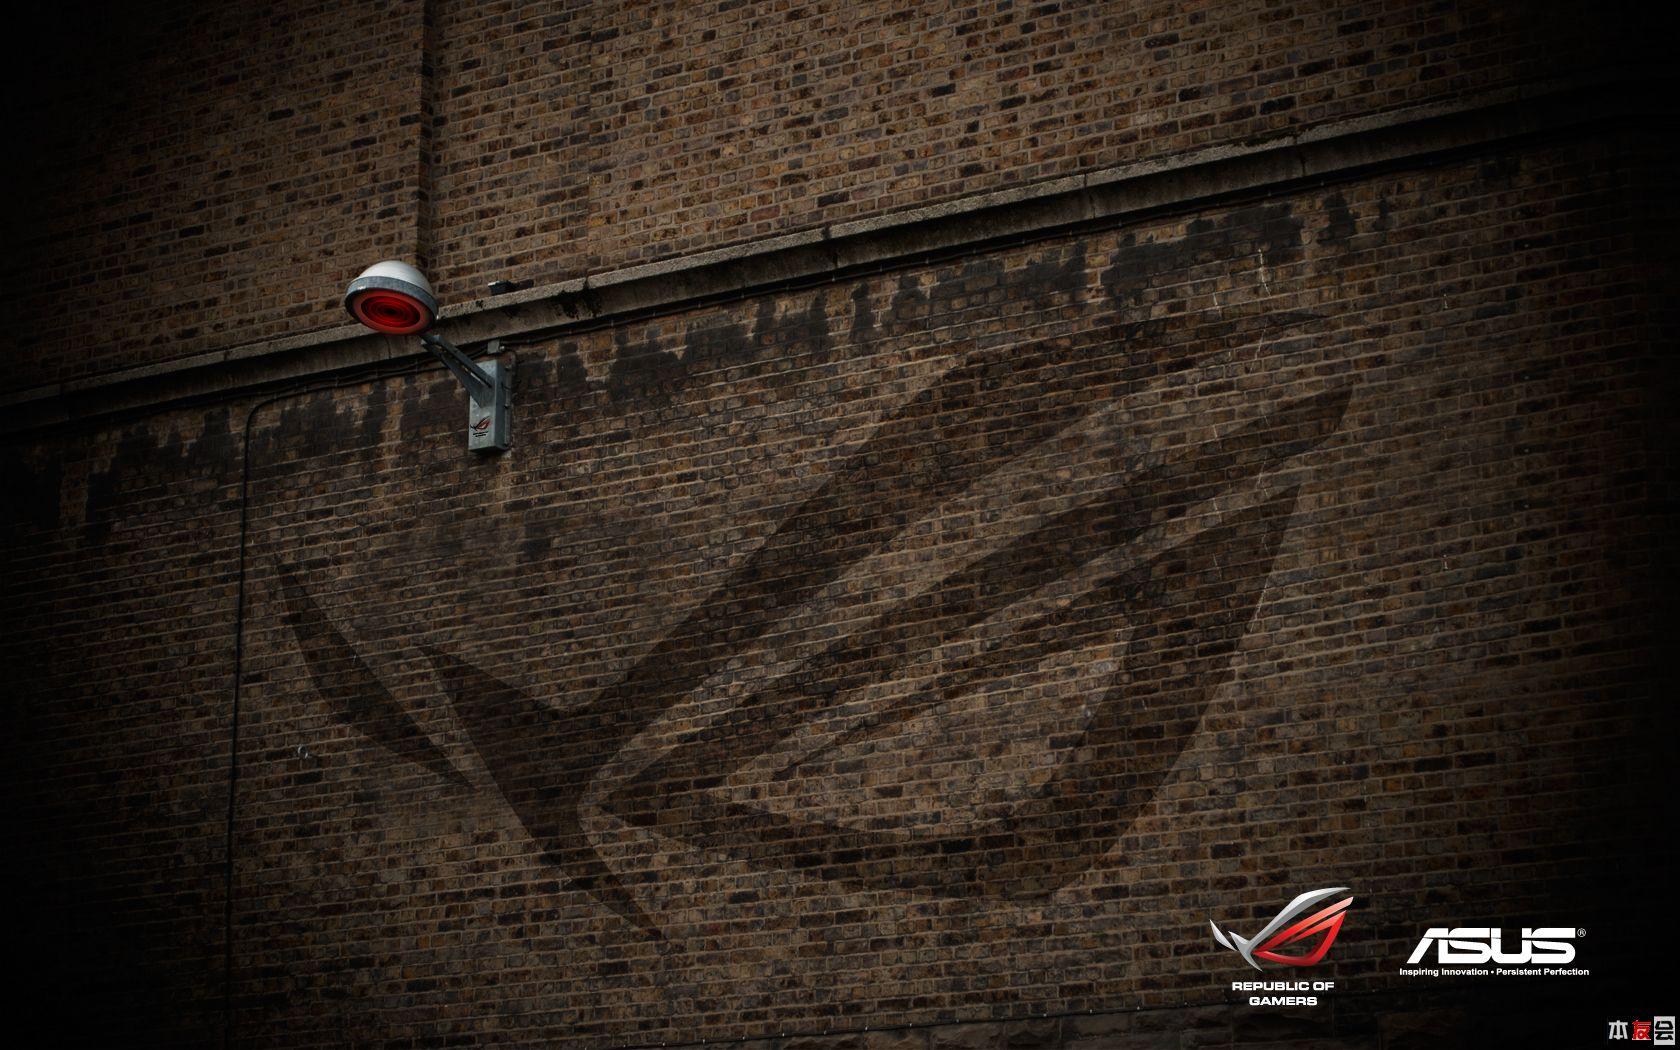 asus-wall.jpg